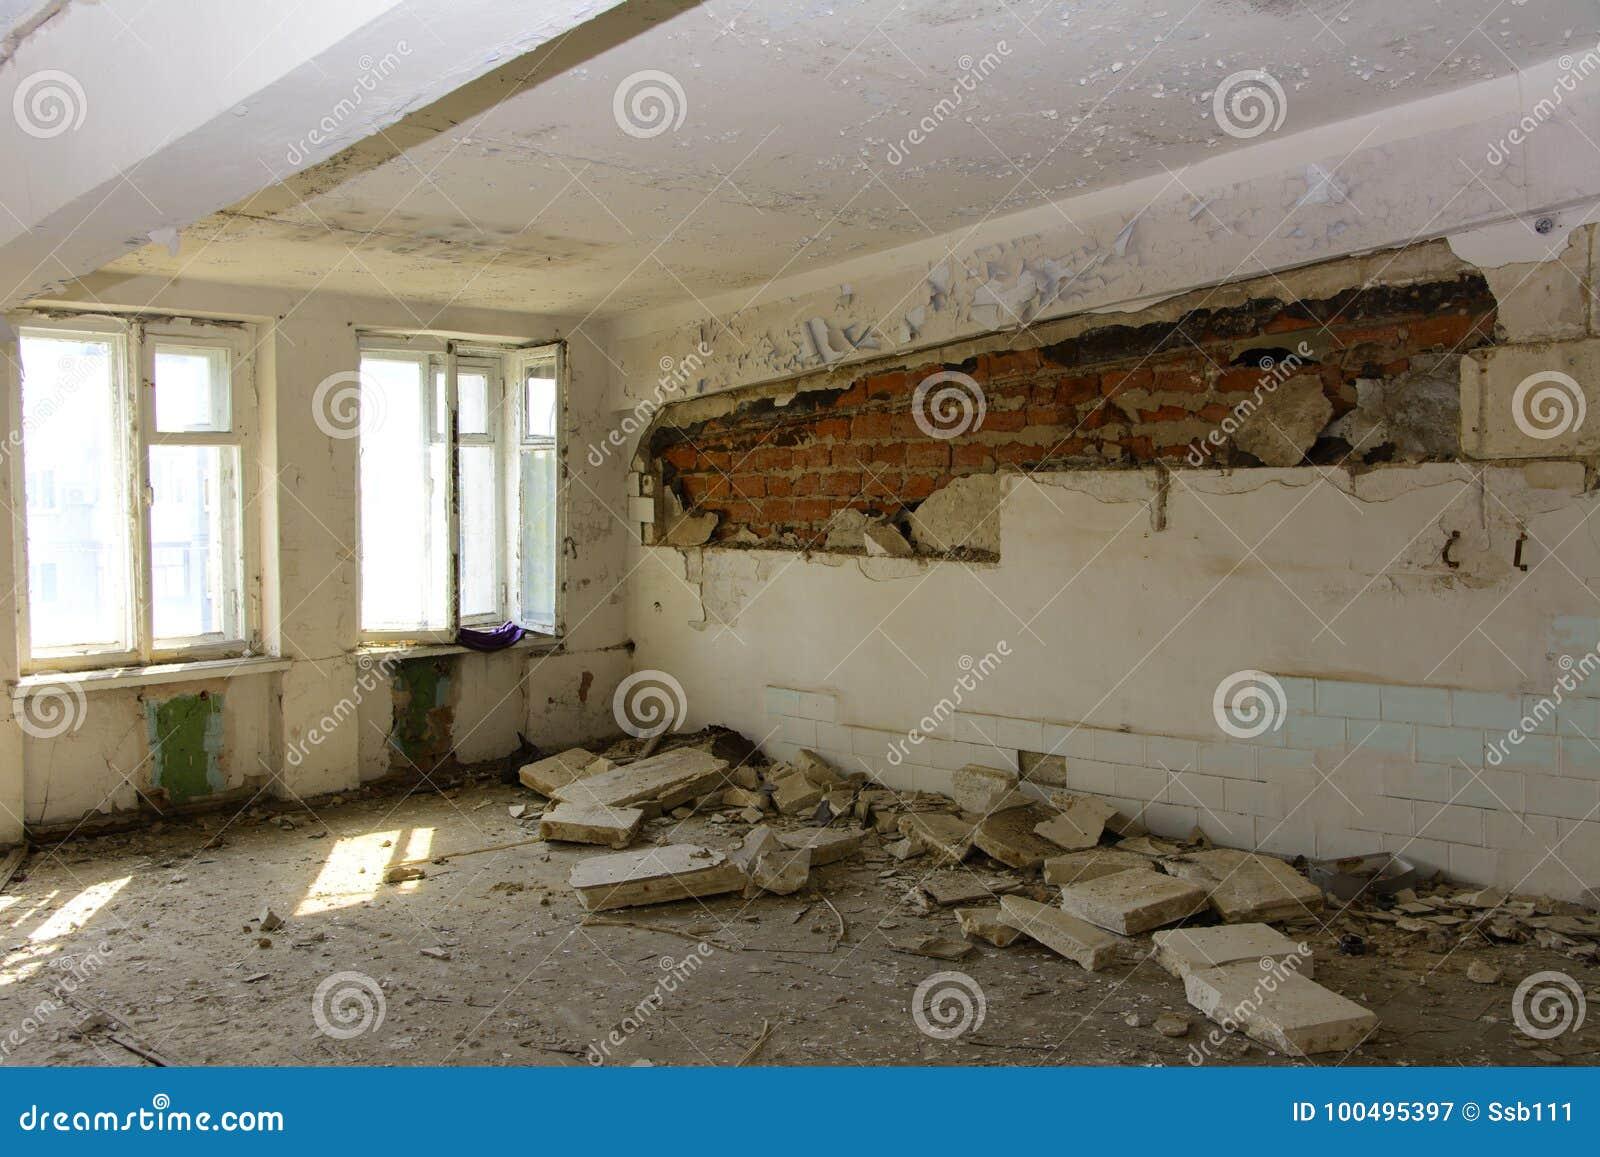 Разрушьте и ограбьте магазин завода, который работал